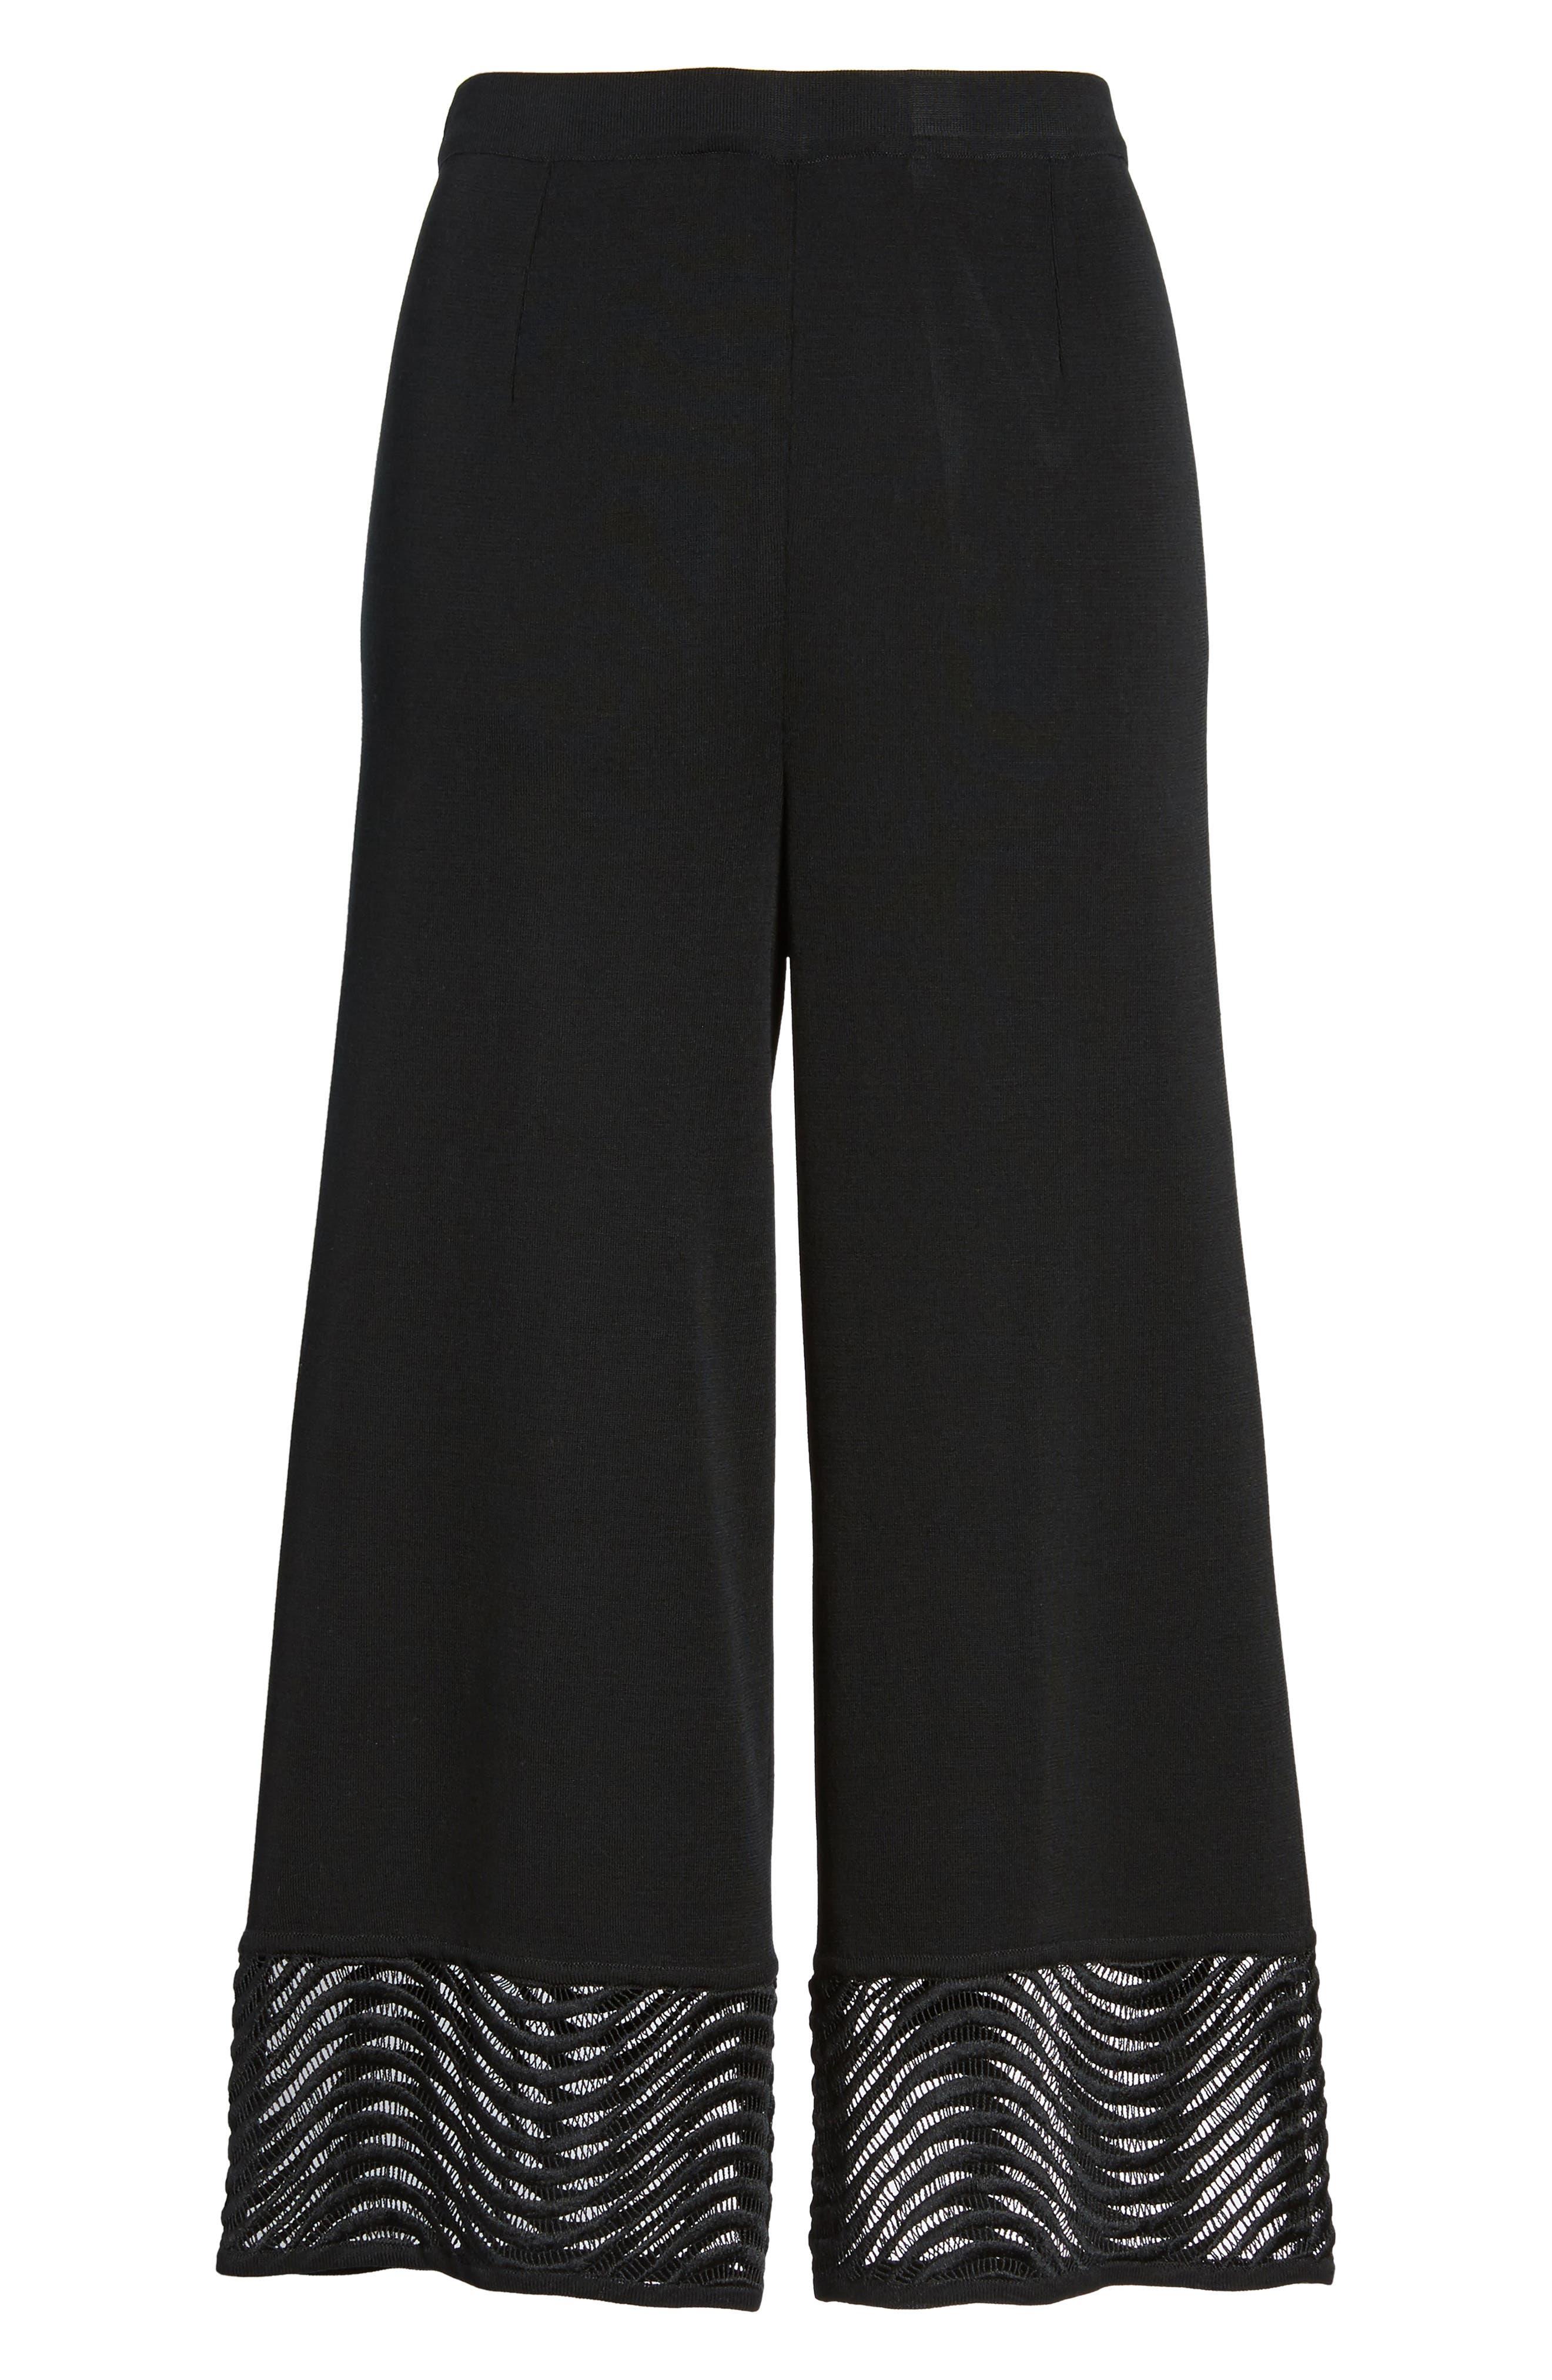 Crop Knit Pants,                             Alternate thumbnail 7, color,                             Black